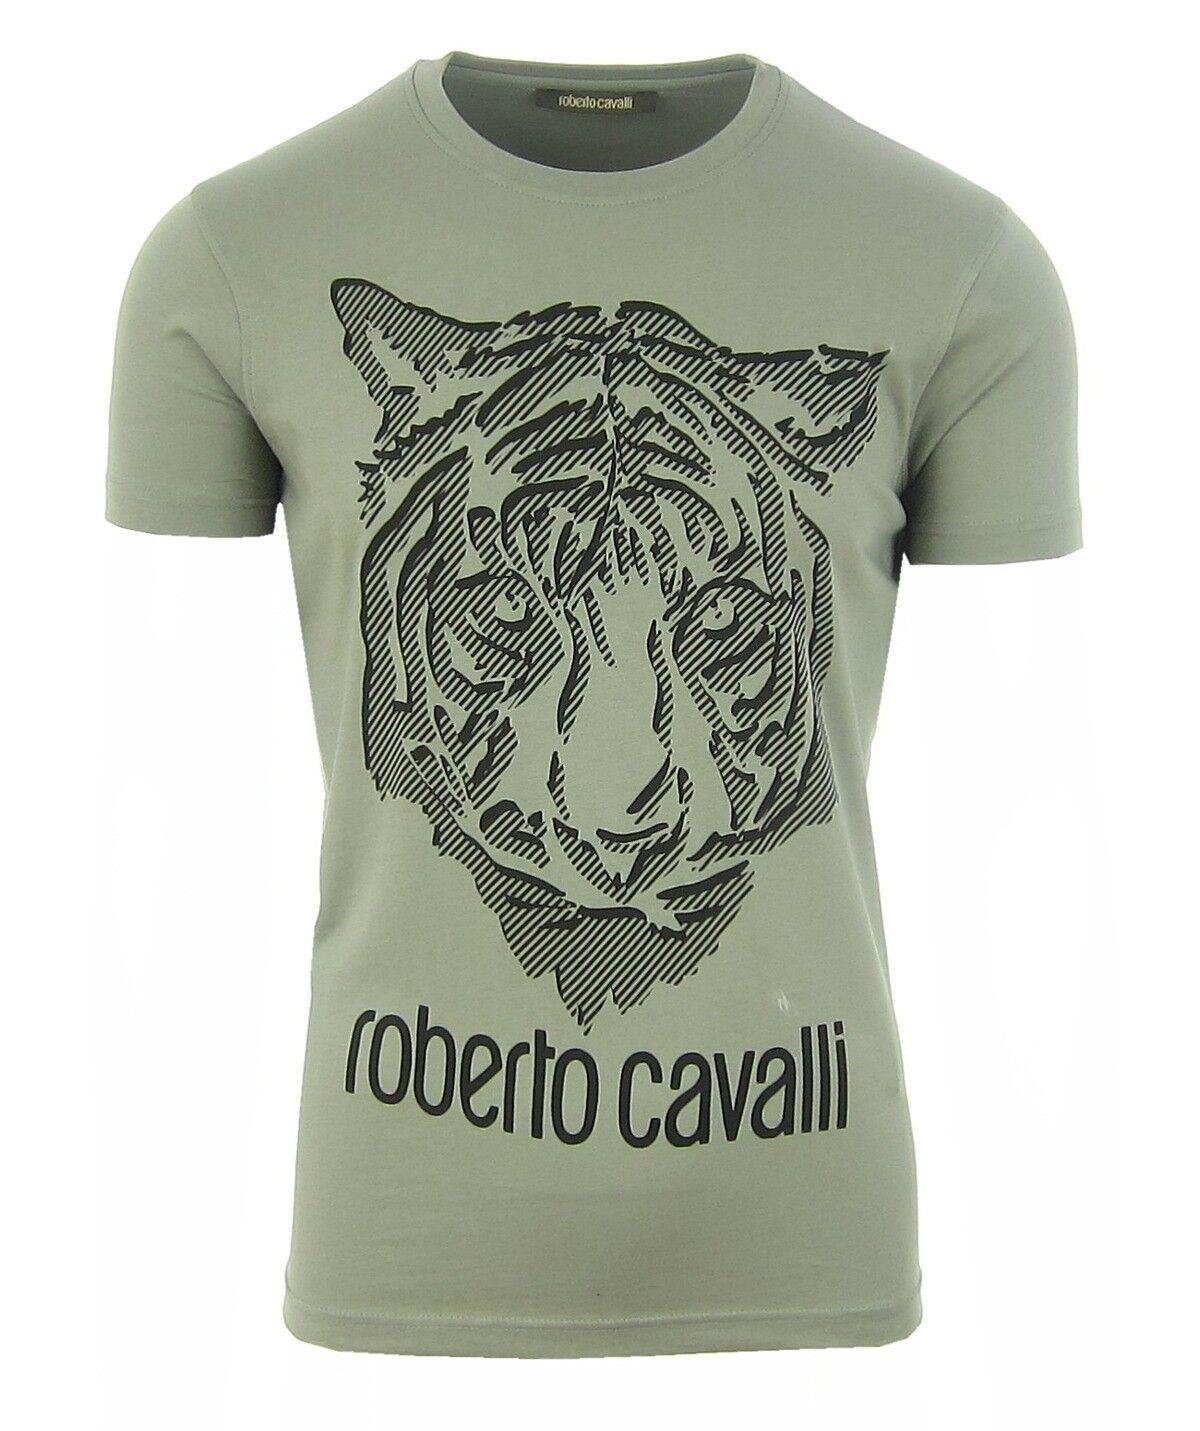 ROBERTO CAVALLI FST612JD061 Herren Men T-Shirt Kurzarm Grüntöne S,M,L,XL,XXL NEU